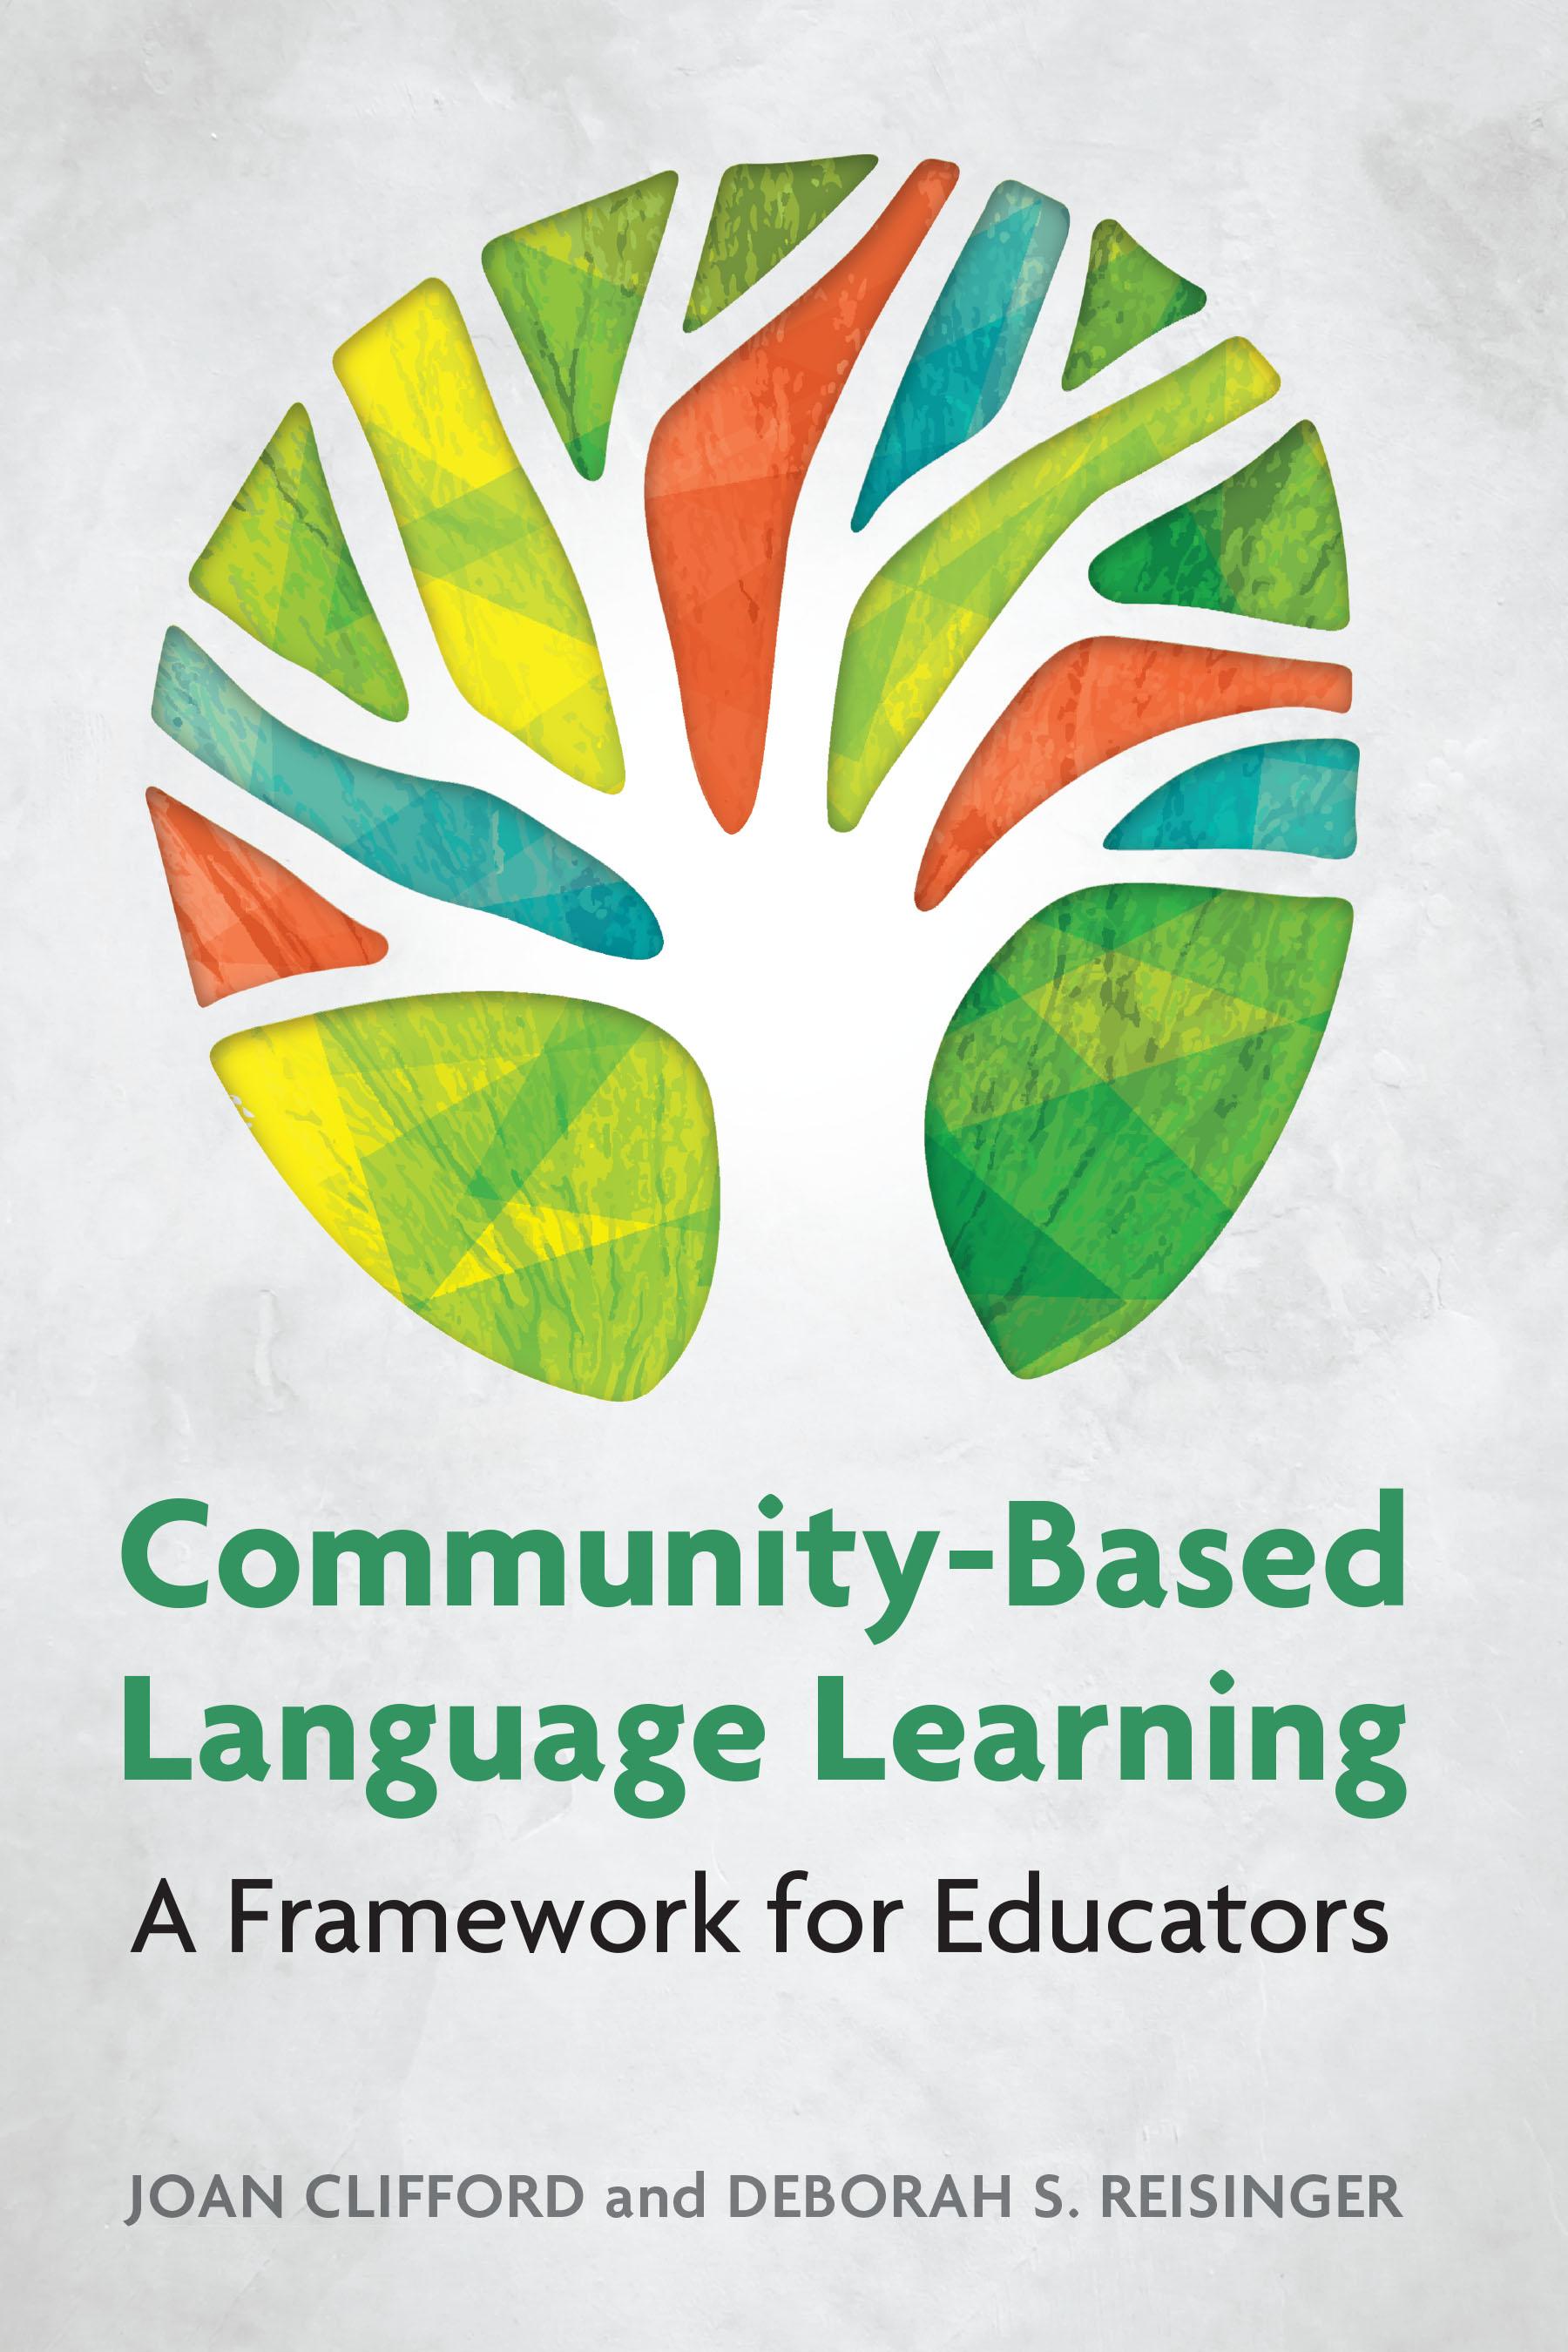 Community-Based Language Learning